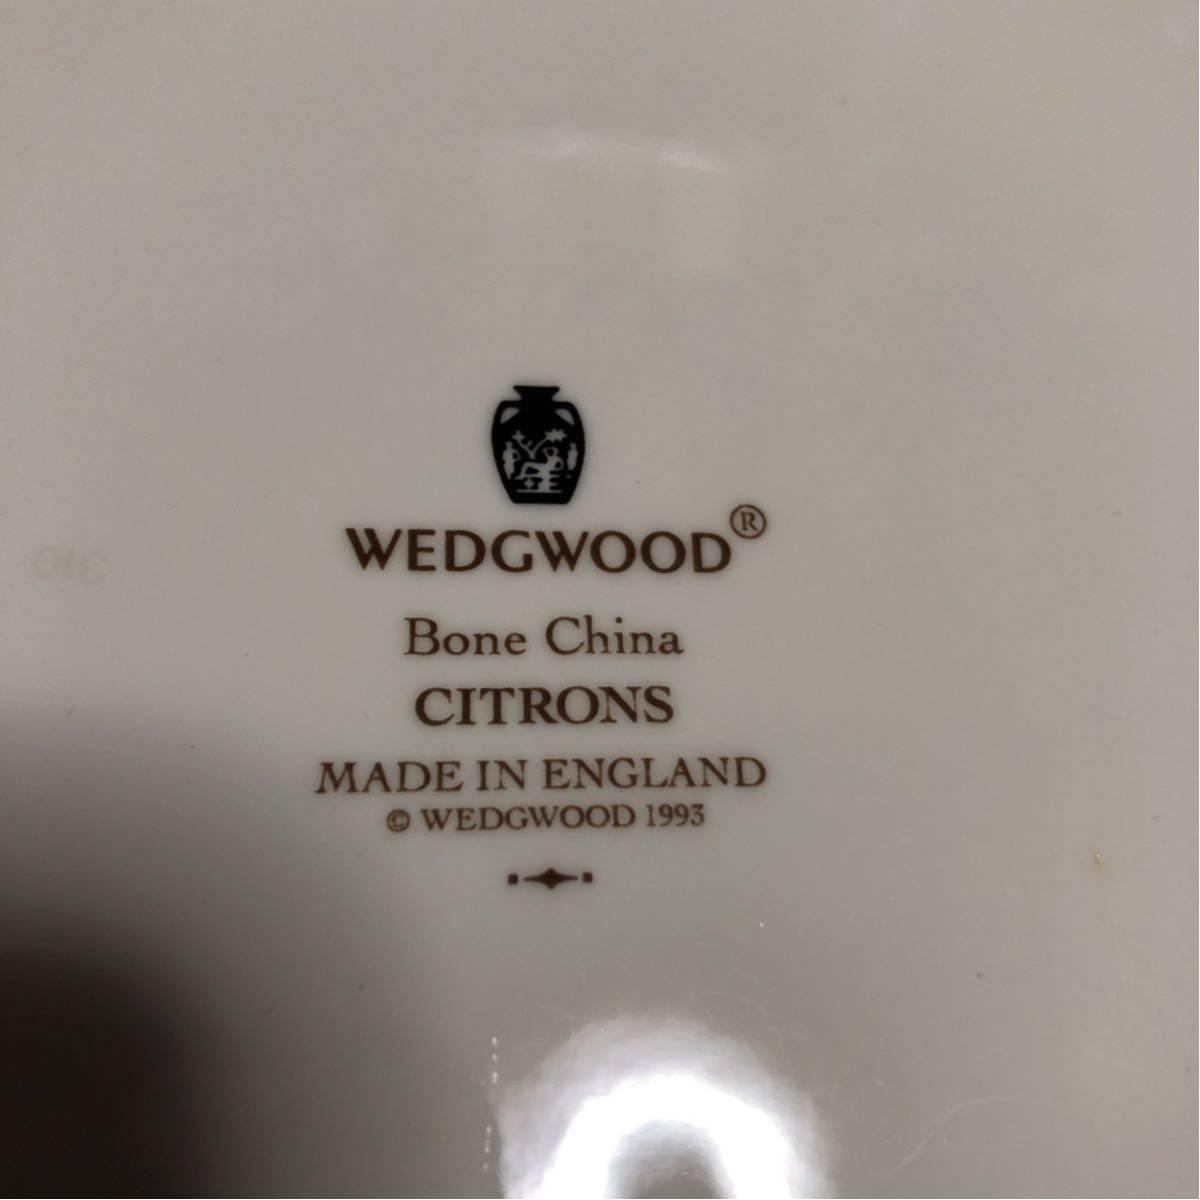 WEDGWOOD ウェッジウッド CITRONS 1993 シトロン レモン 皿 プレート 大皿2枚 小皿5枚_画像4